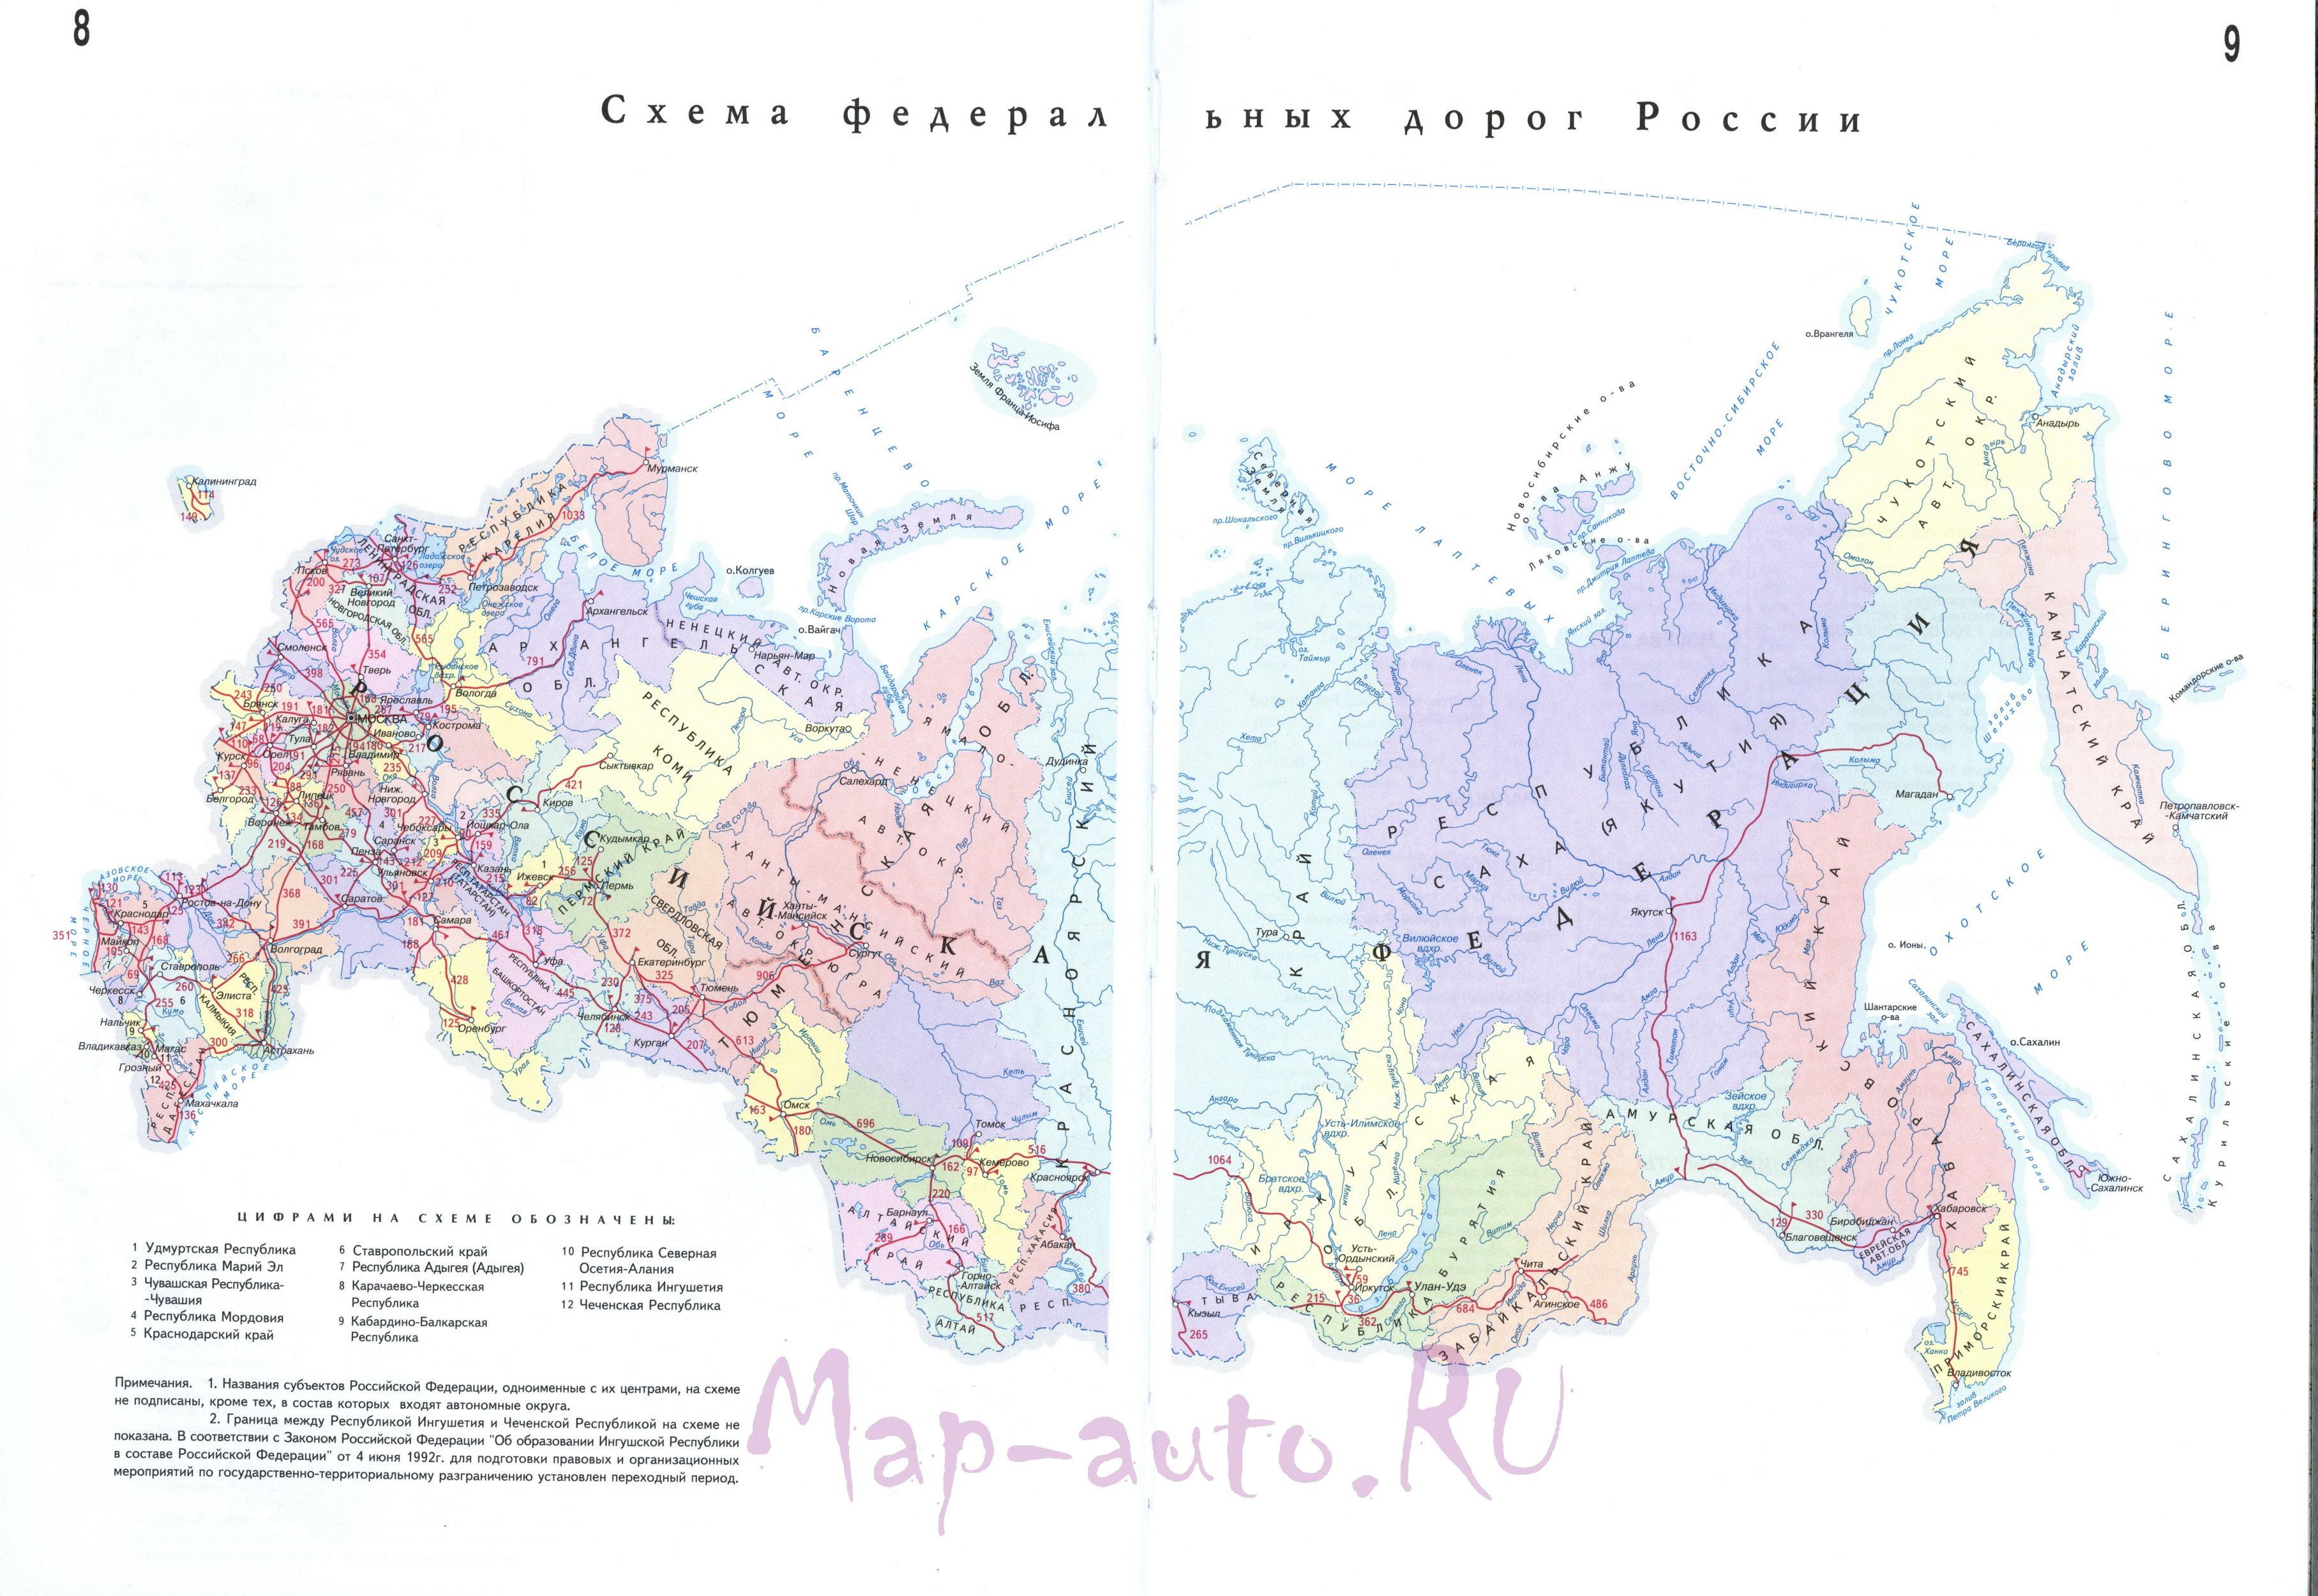 Скачать бесплатно карту схема федеральных авто дорог России.